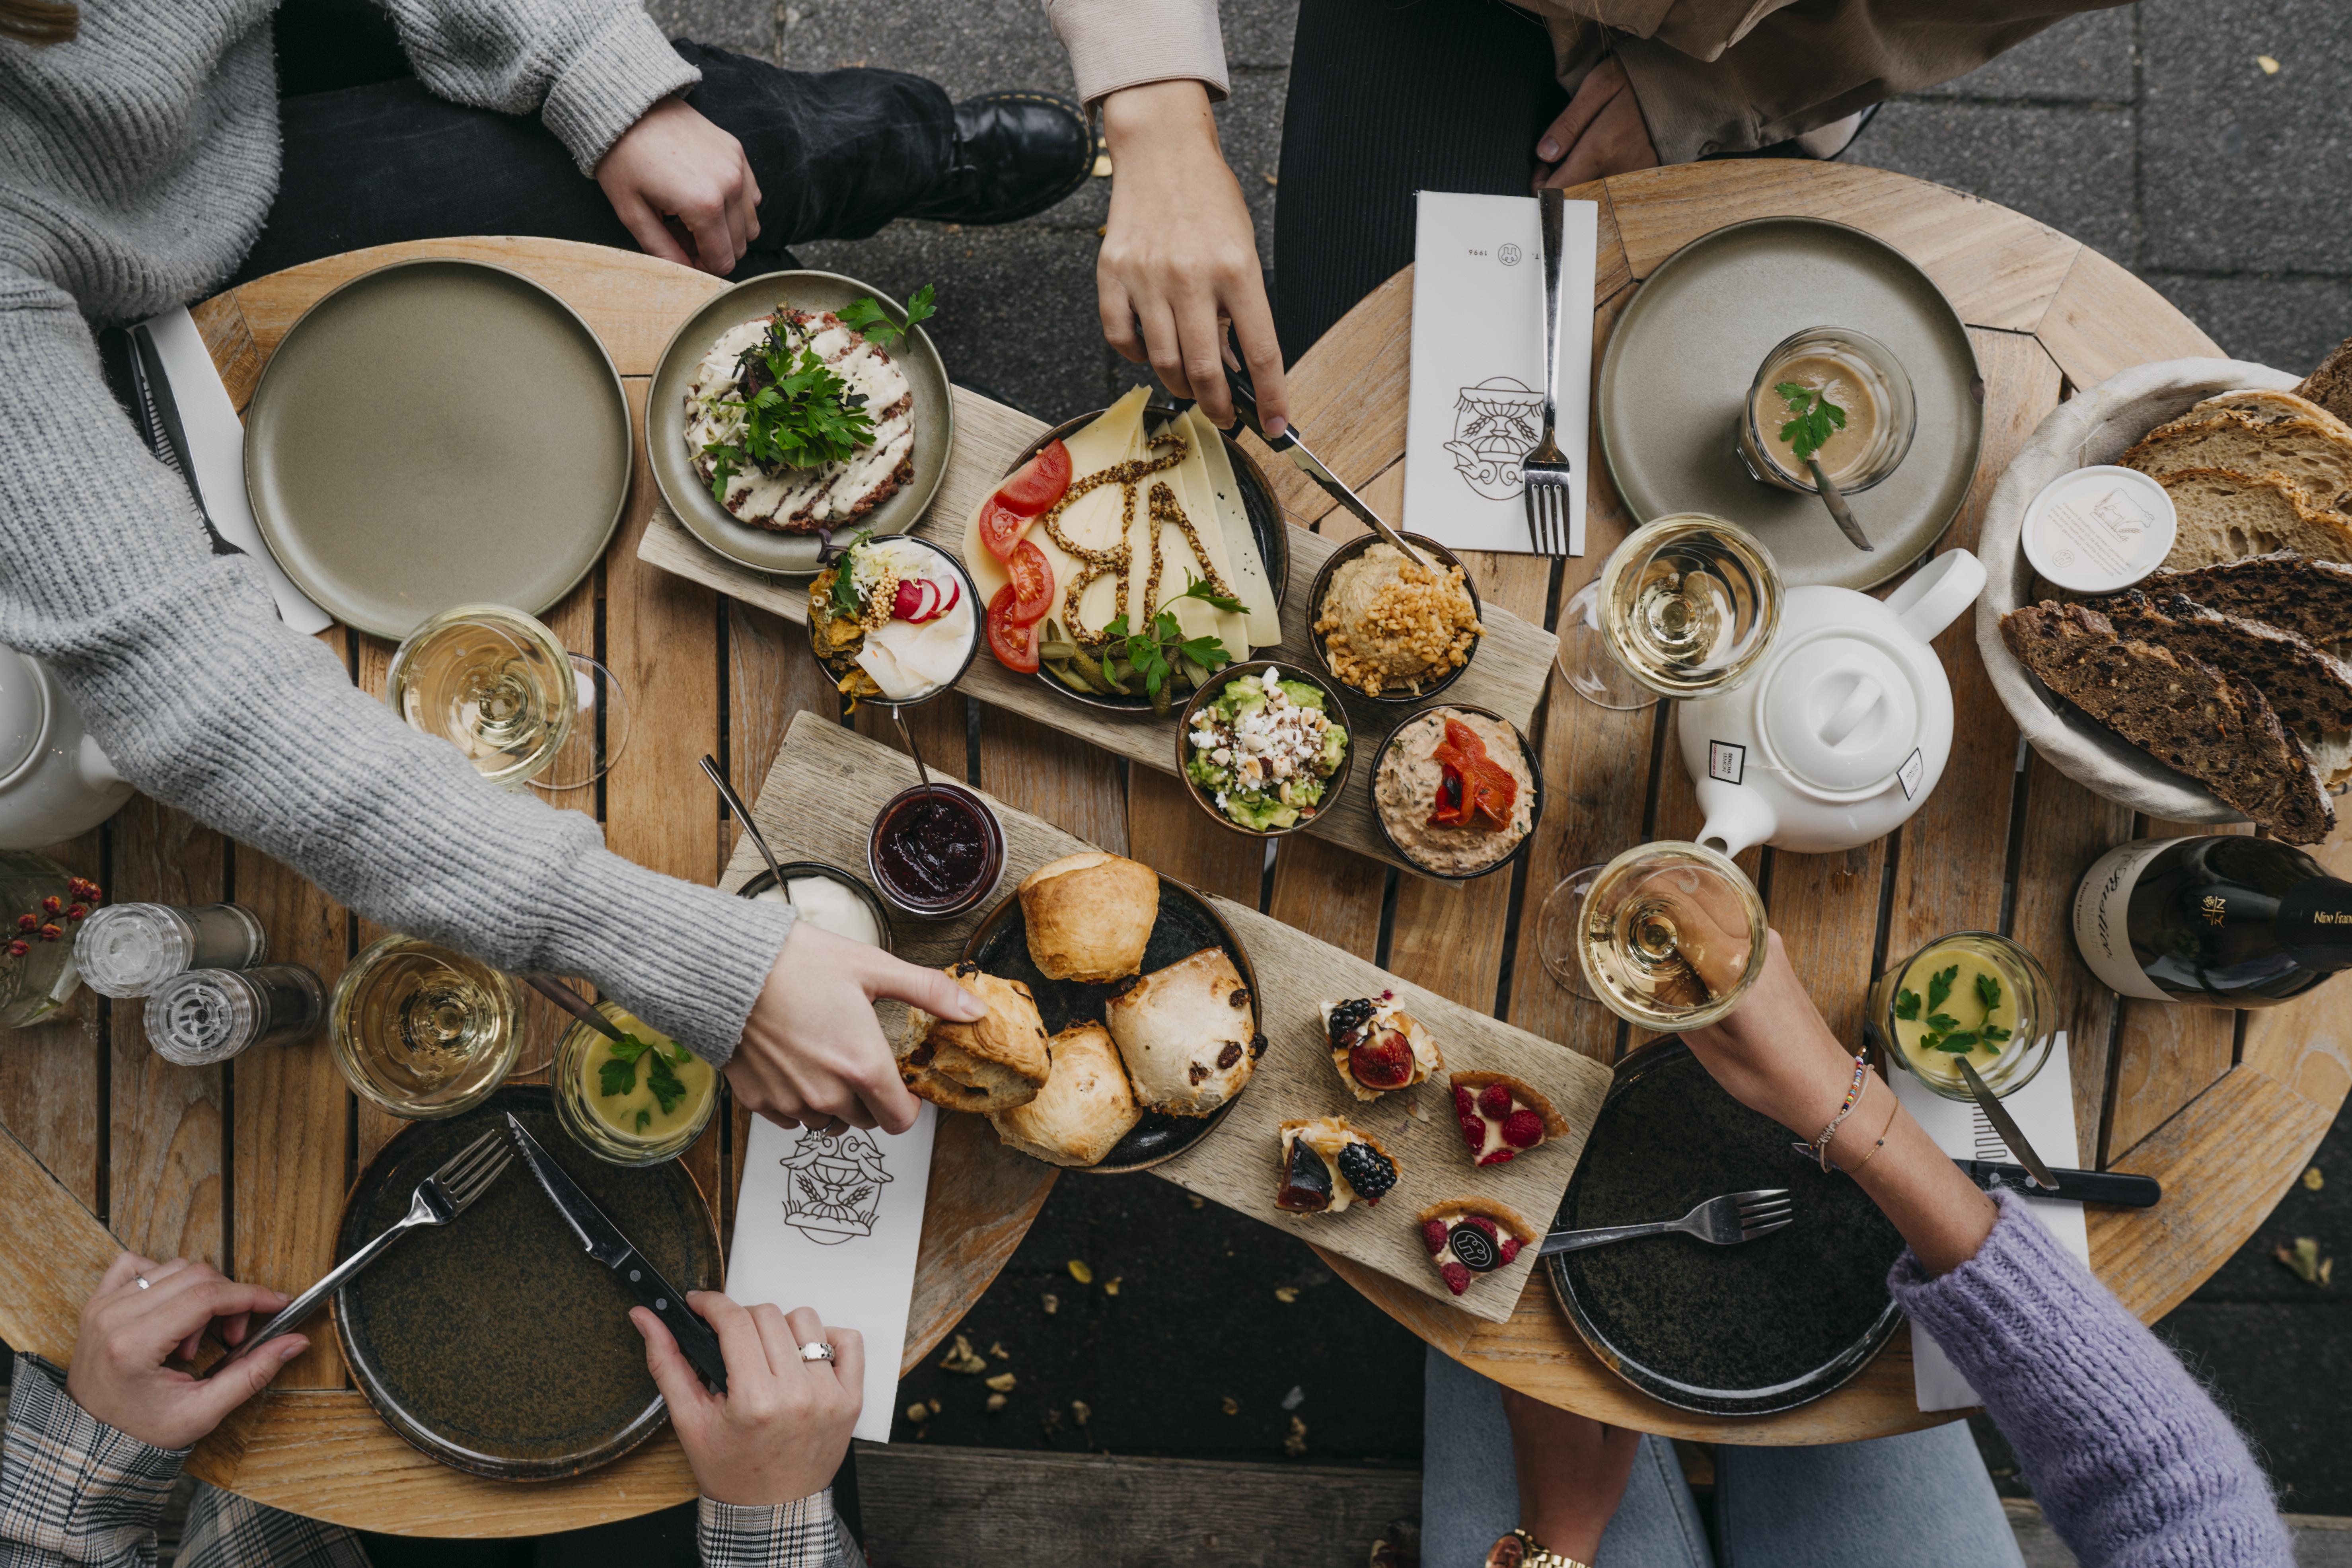 Tijdens de high tea van Vlaamsch Broodhuys krijg je diverse soorten zuurdesembrood, heerlijk hartig beleg, een huisgemaakte seizoenssoep, een selectie van de zoetigheden en natuurlijk een pot thee.